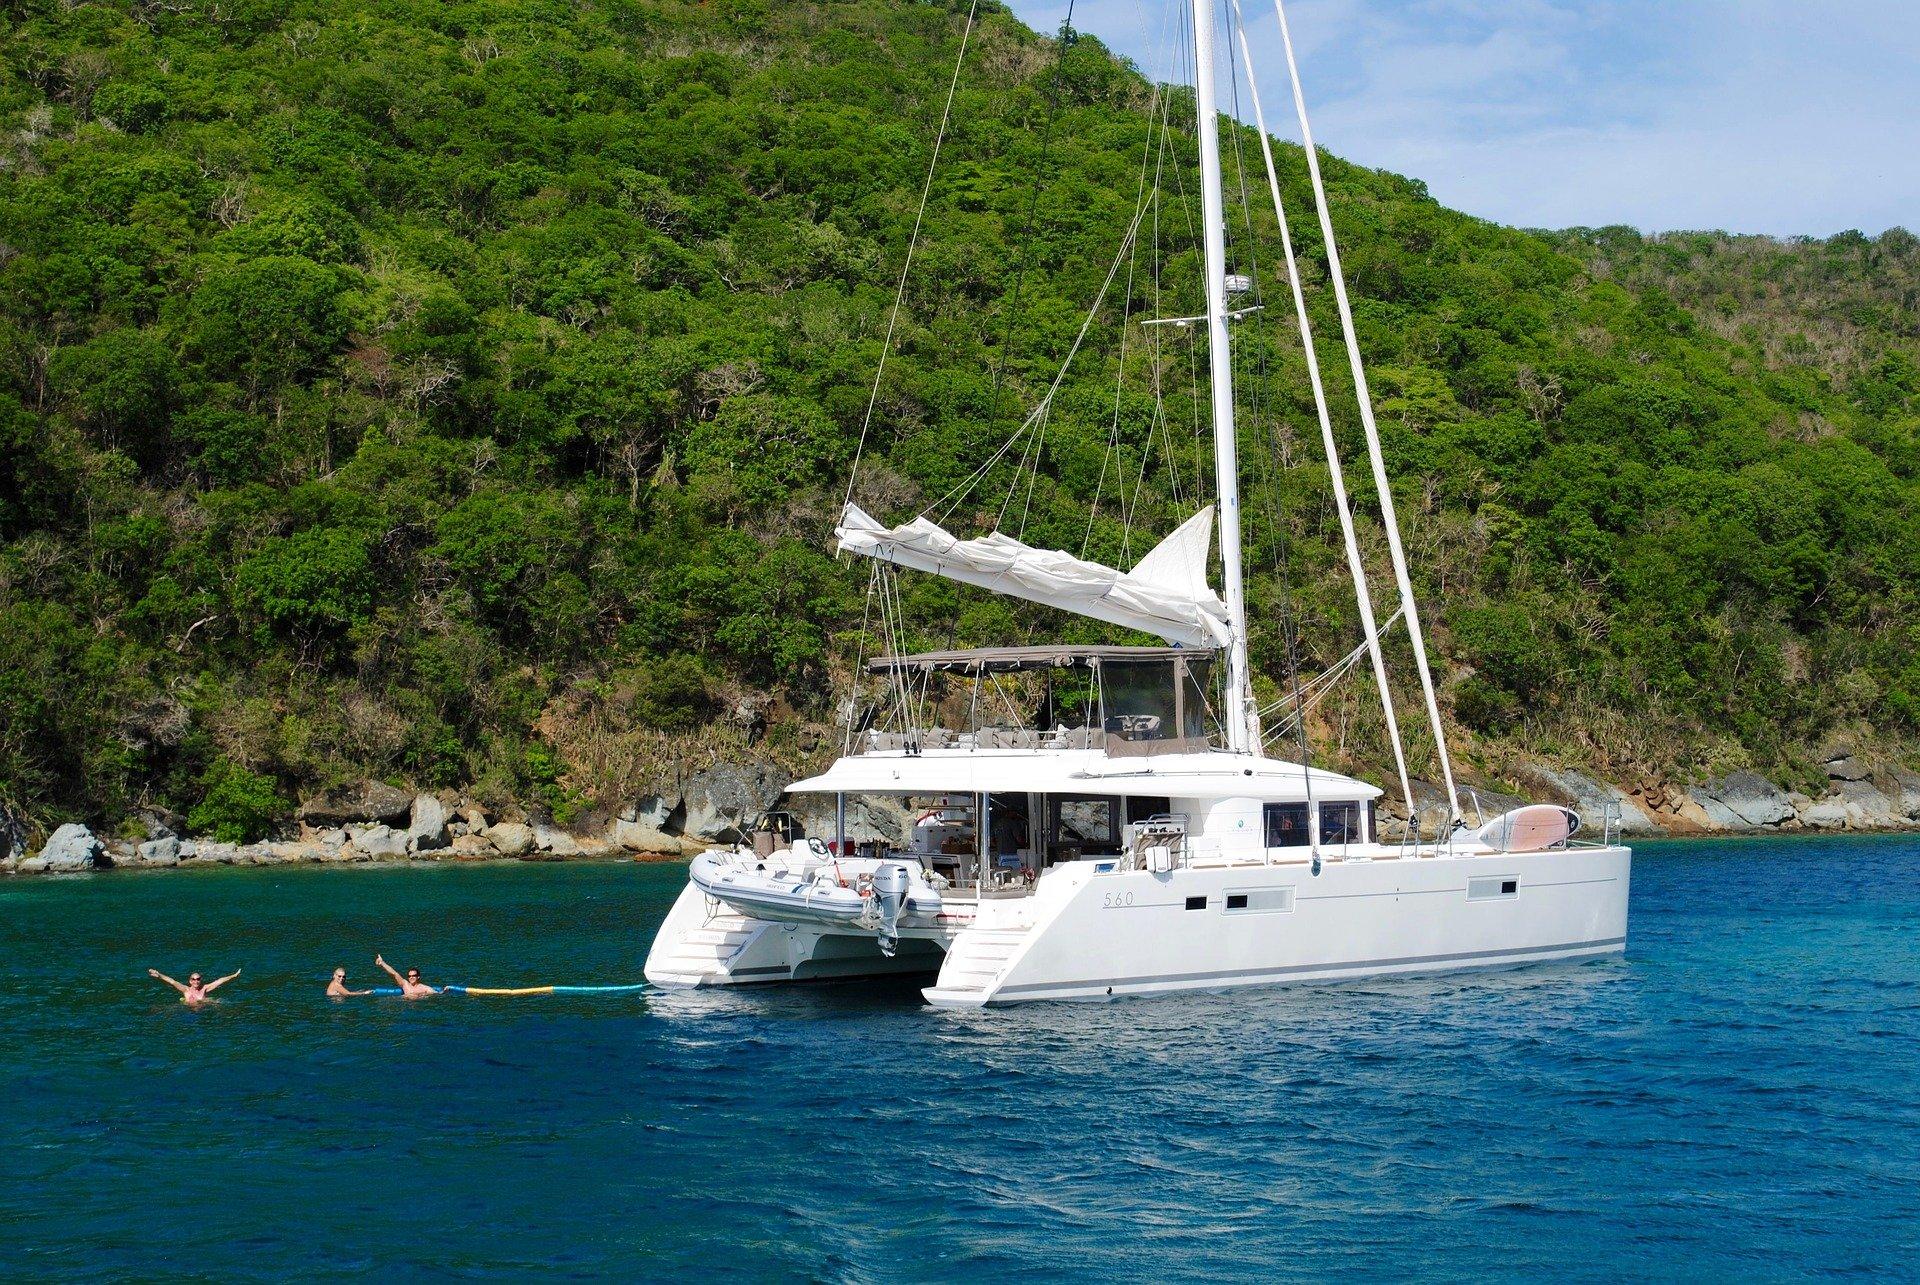 60ft catamaran